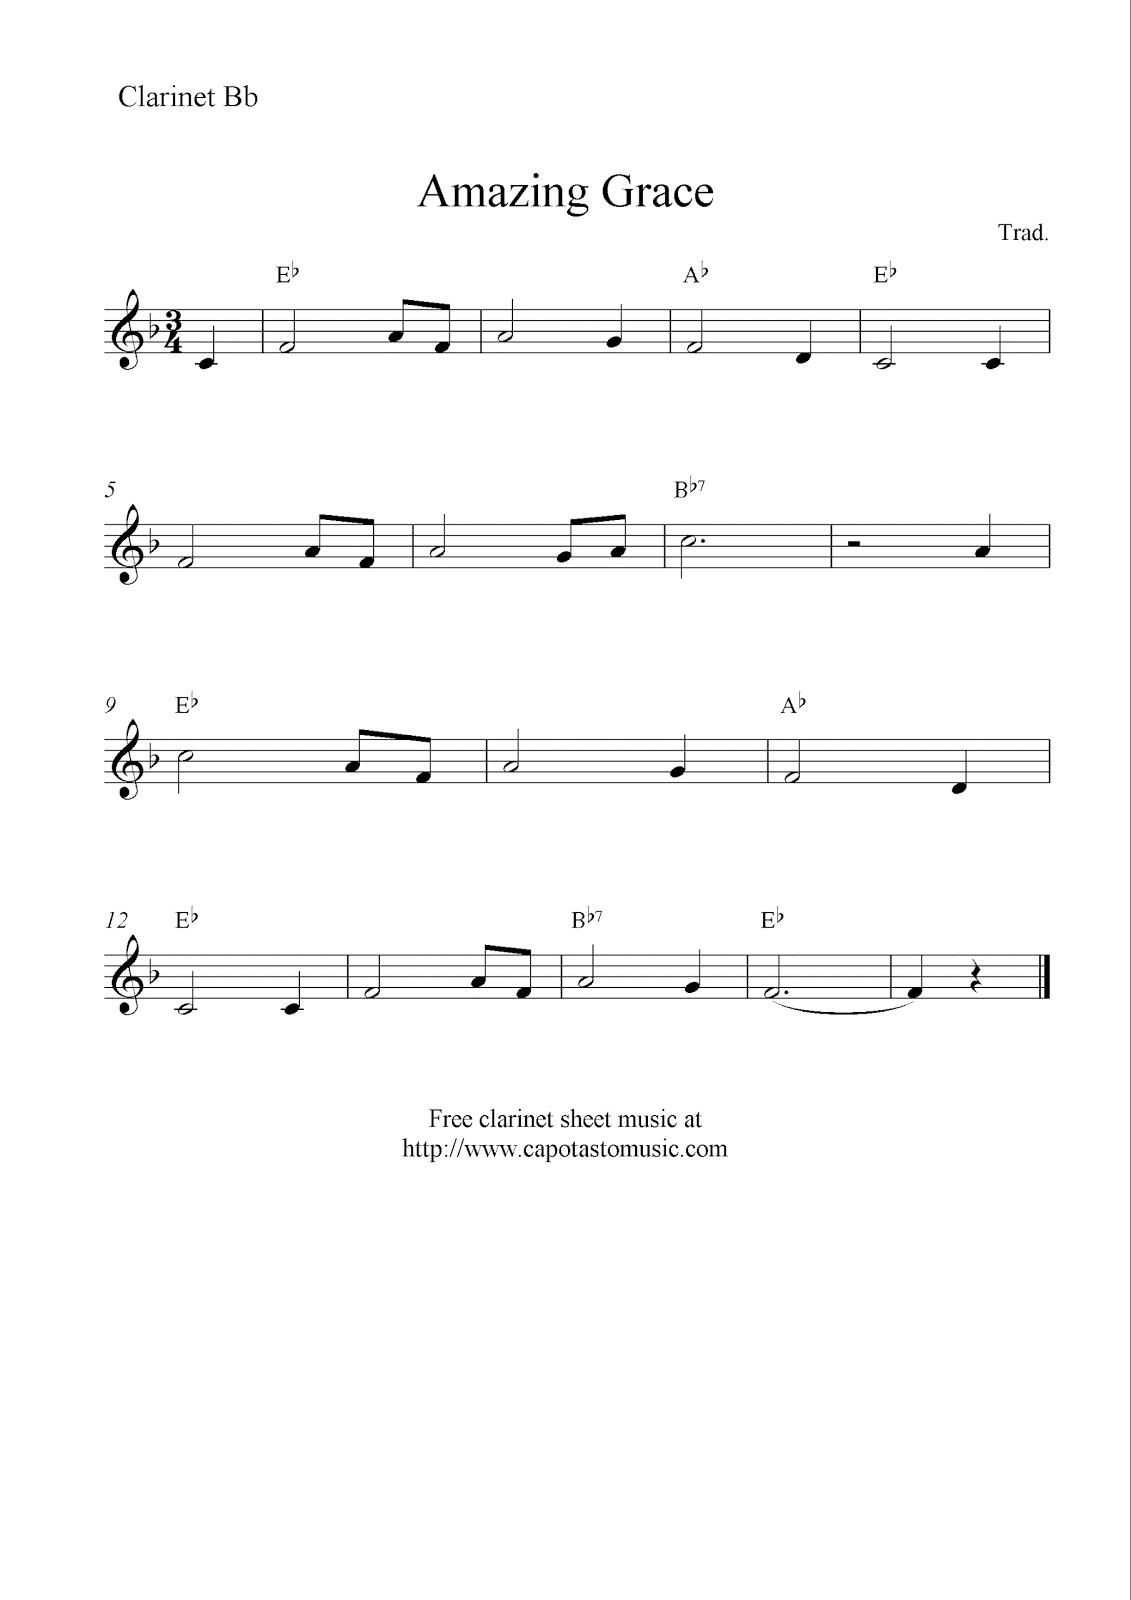 Amazing Grace, Free Clarinet Sheet Music Notes - Free Sheet Music For Clarinet Printable